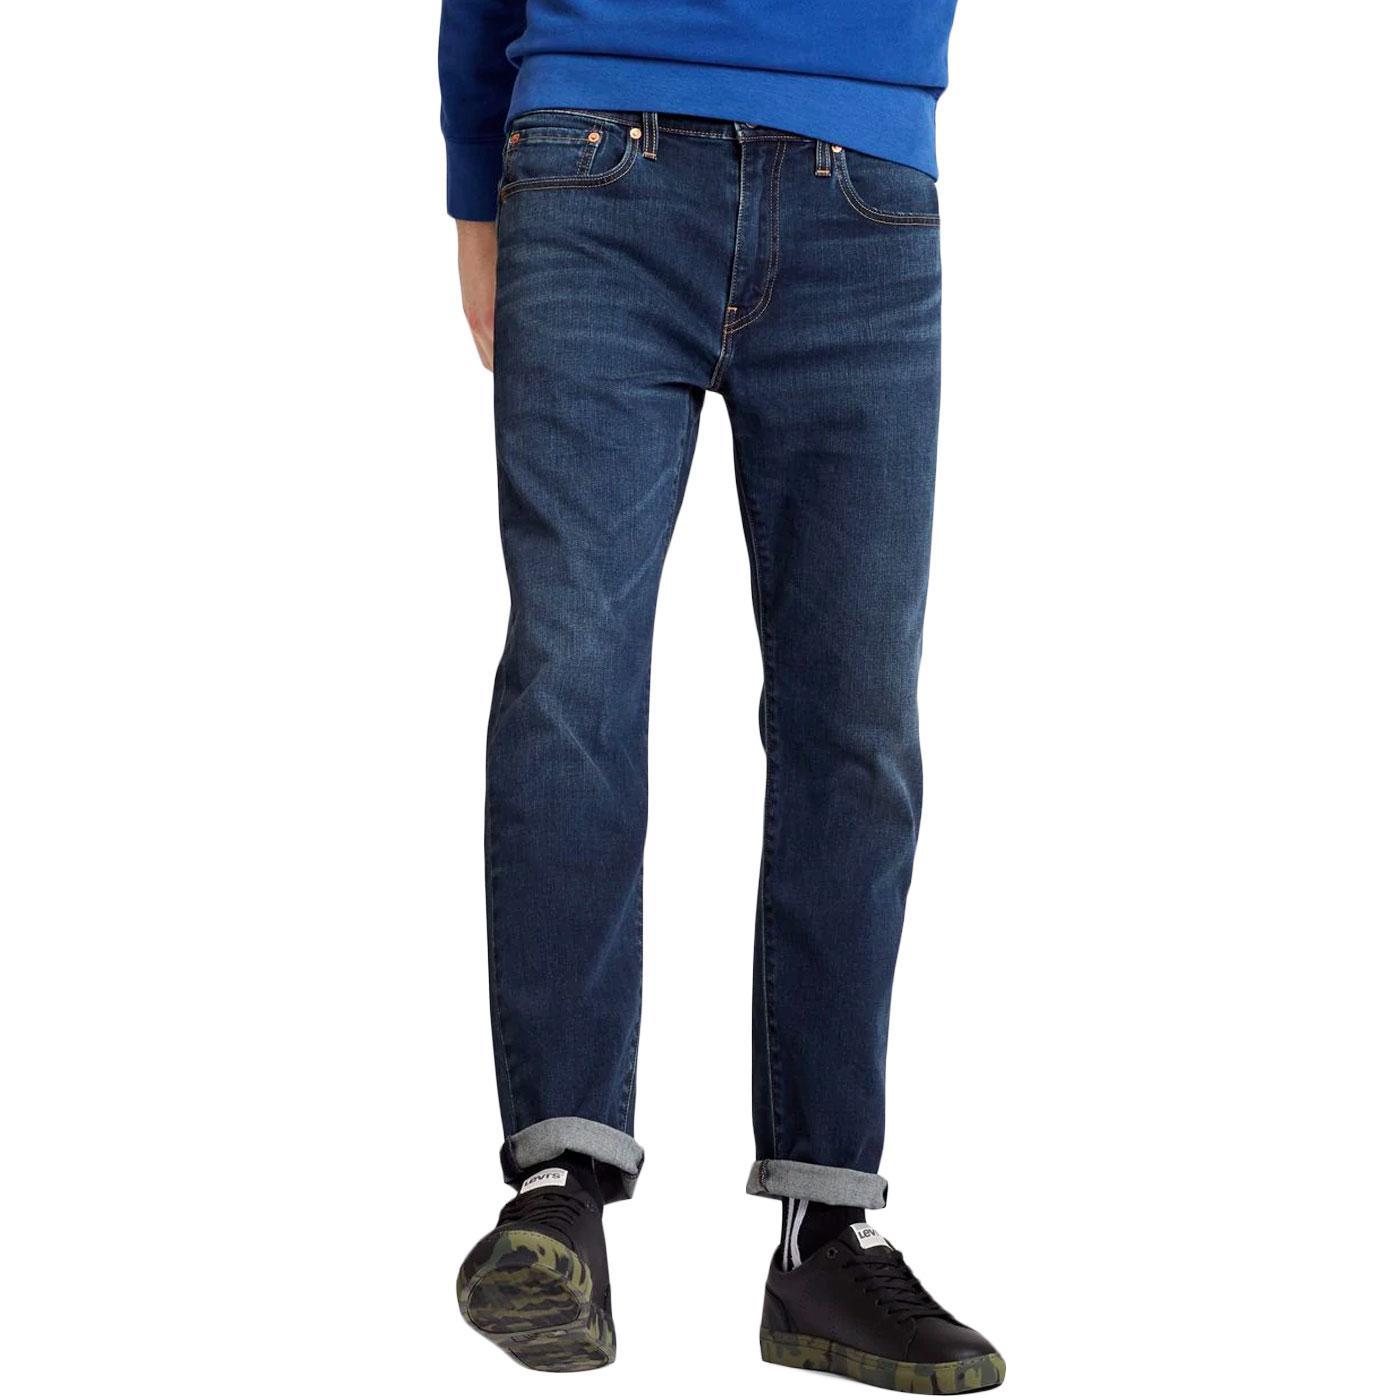 LEVI'S 502 Regular Taper Mod Jeans ADRIATIC ADAPT